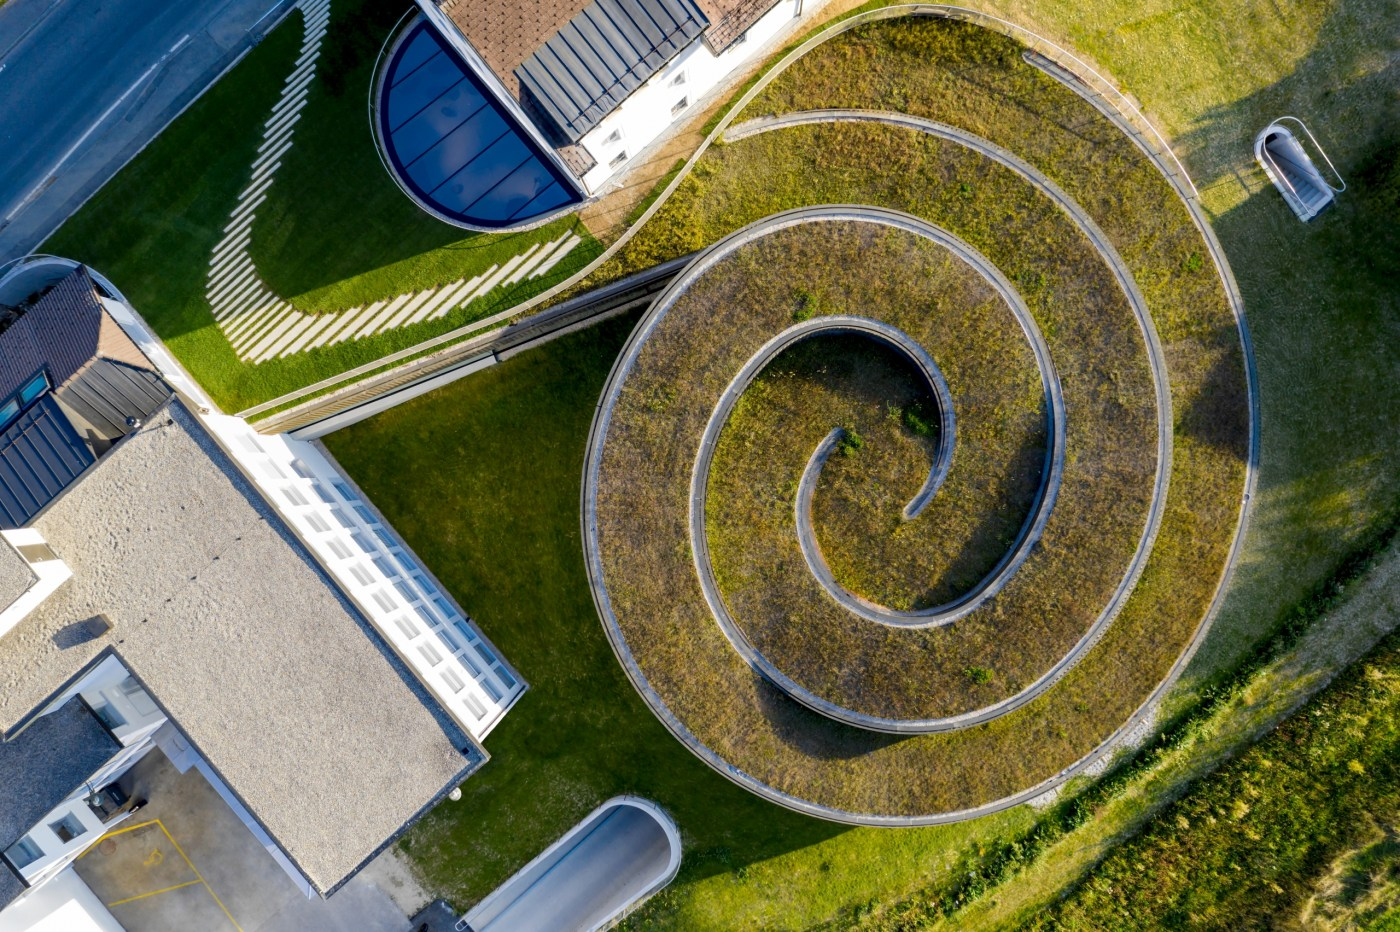 Audemars Piguet Musee Atelier Le Brassus overhead view